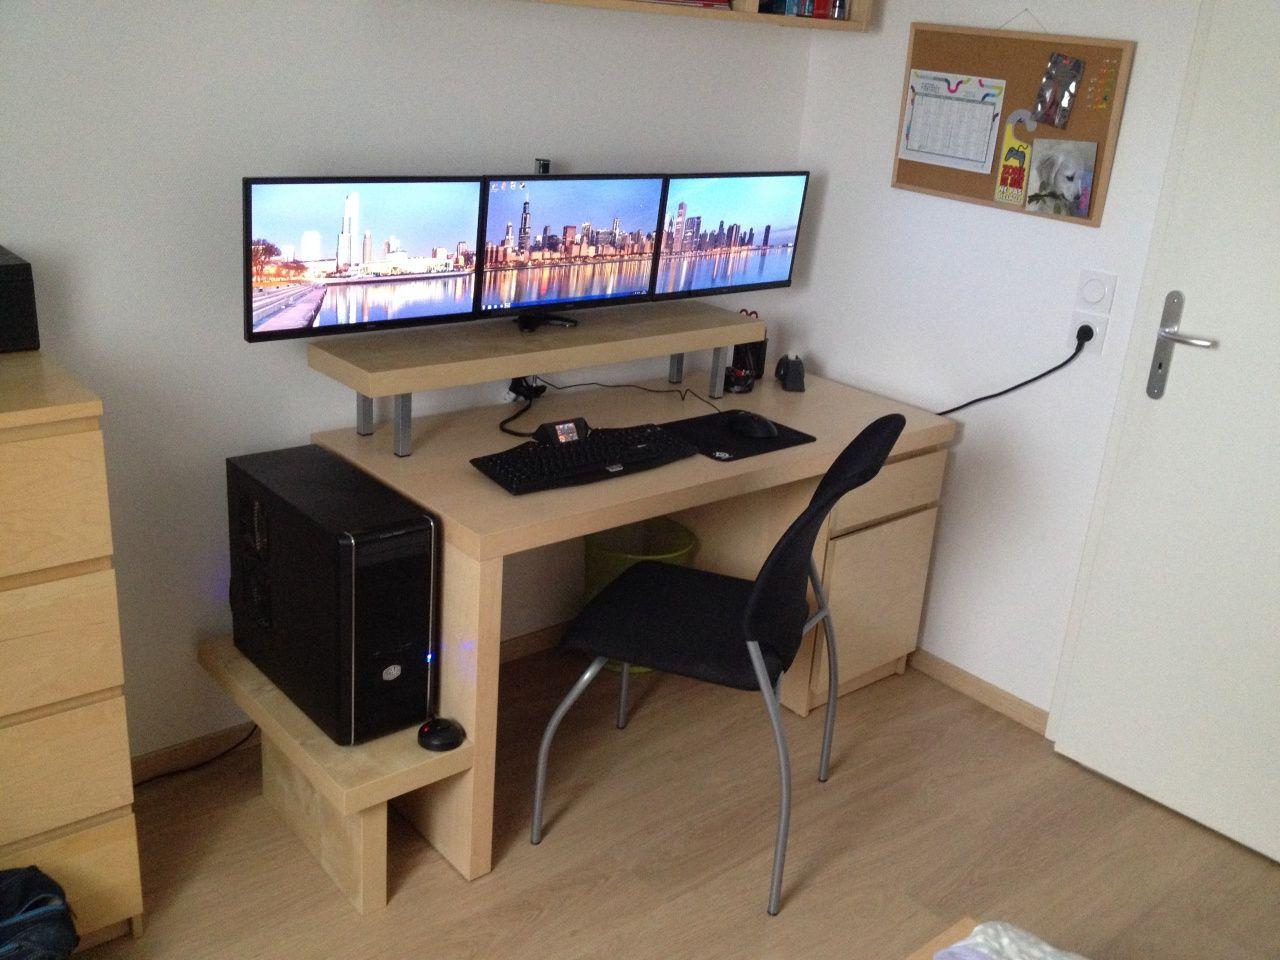 Nouveau table en pin ikea mercadillosandmore